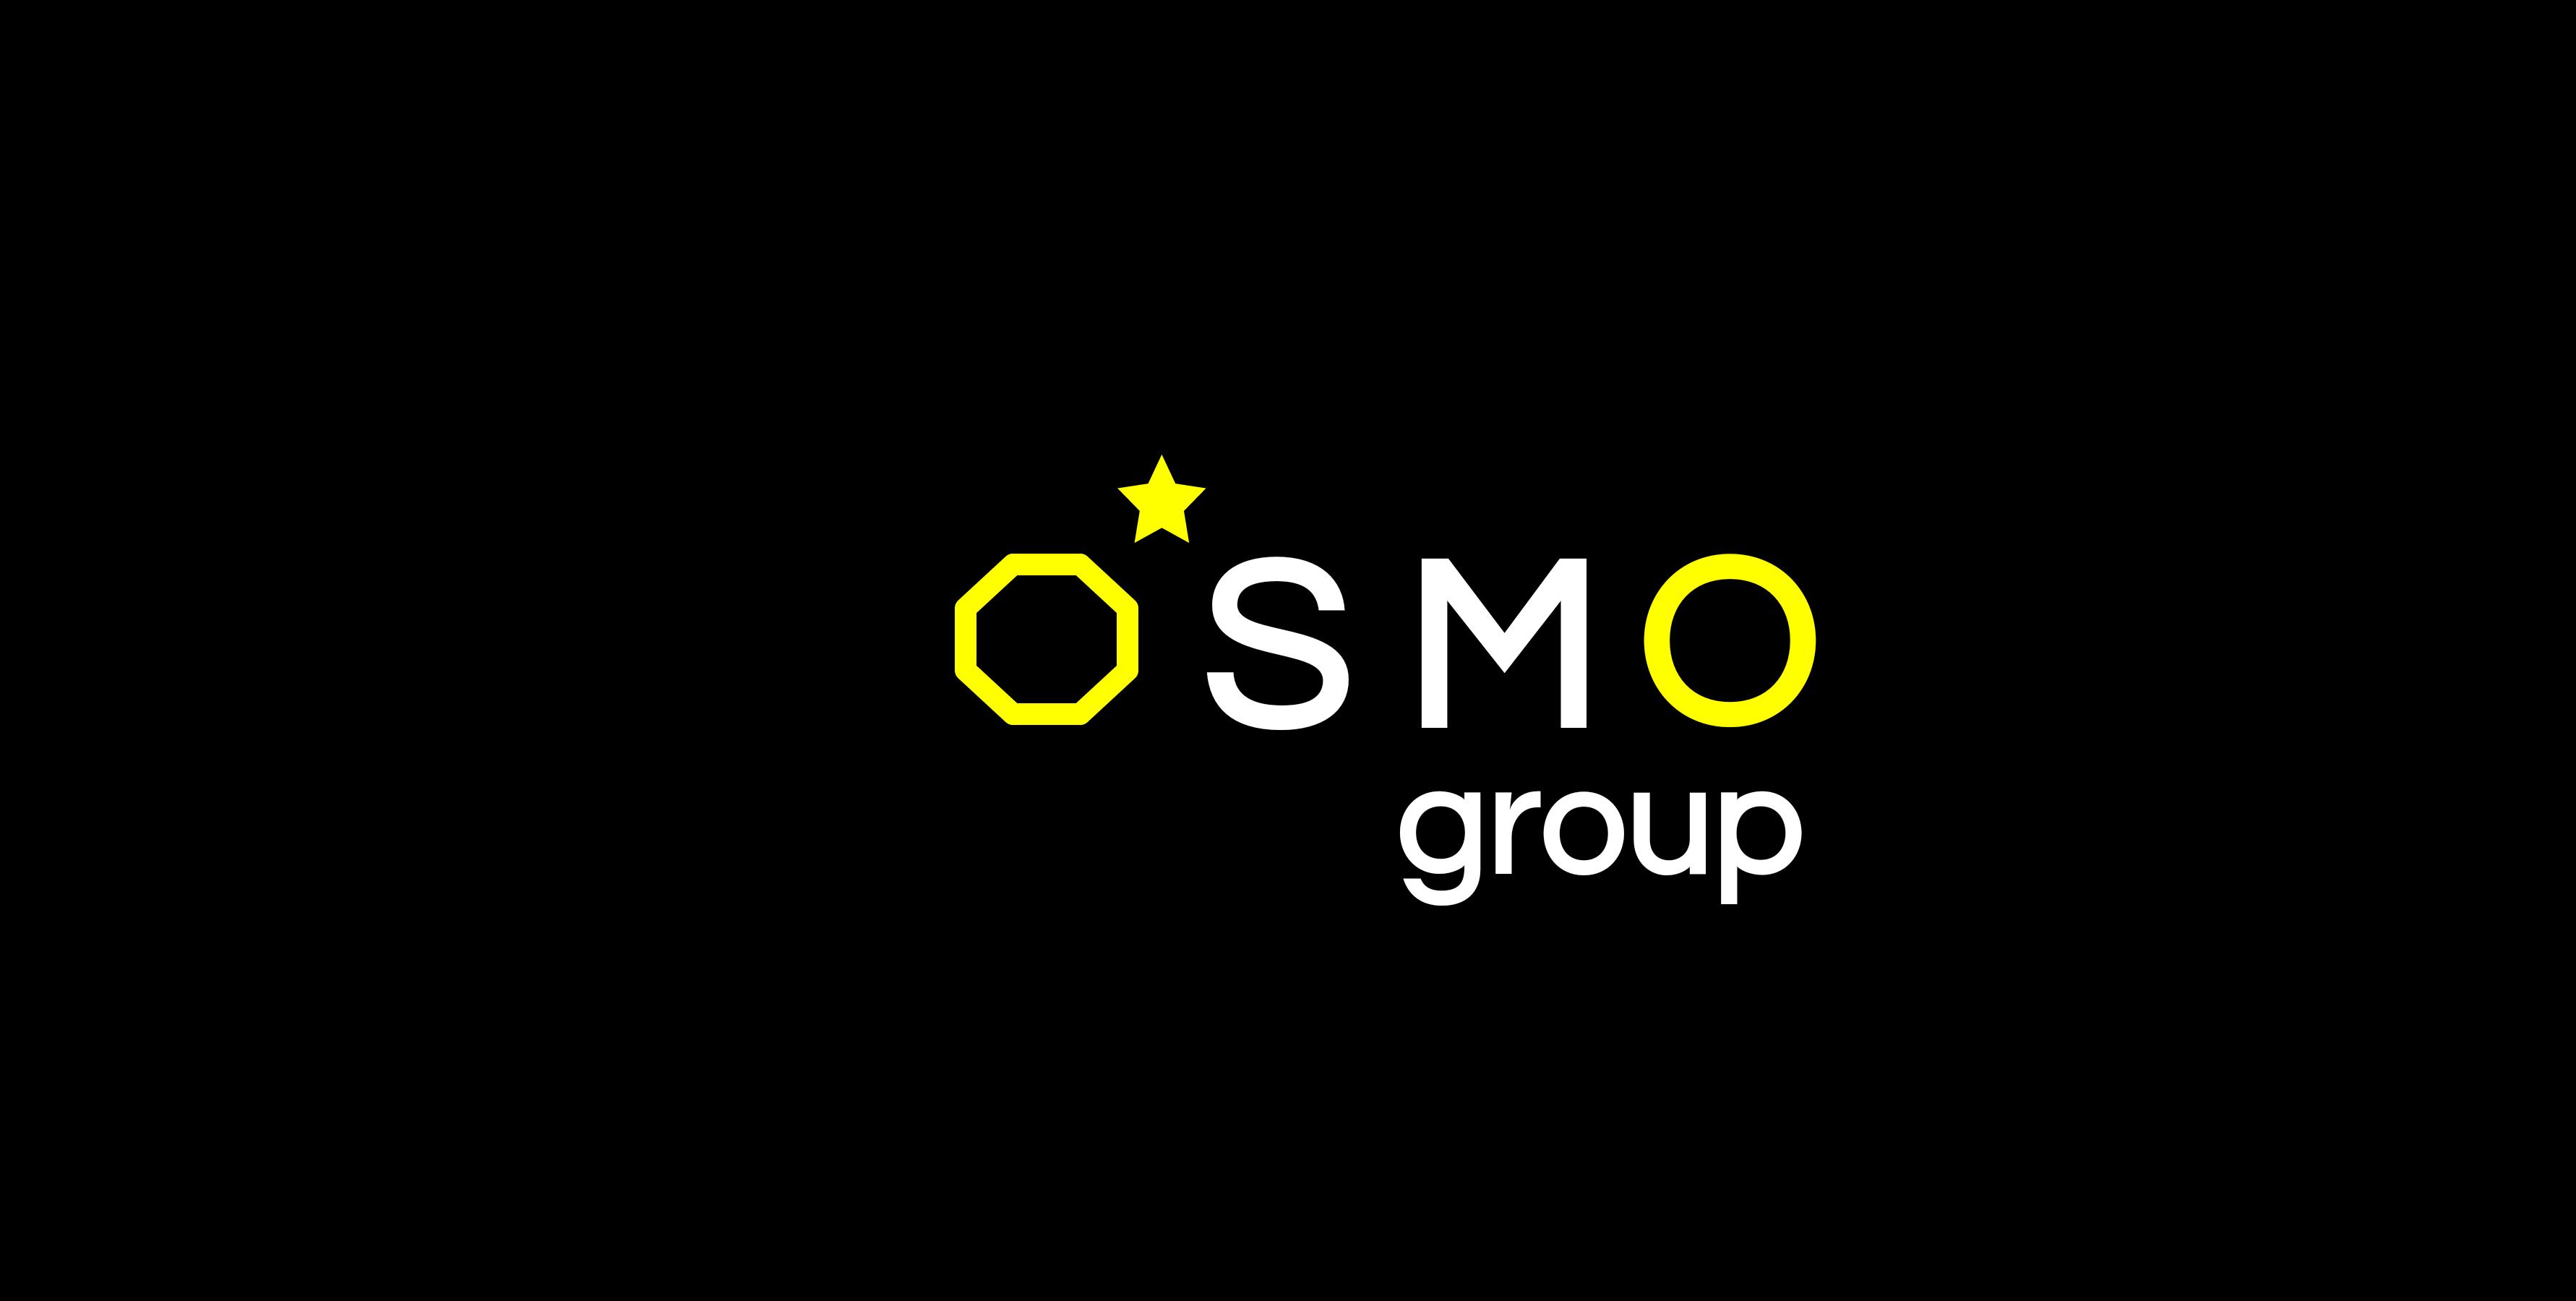 Создание логотипа для строительной компании OSMO group  фото f_96659b6bd09c1121.png